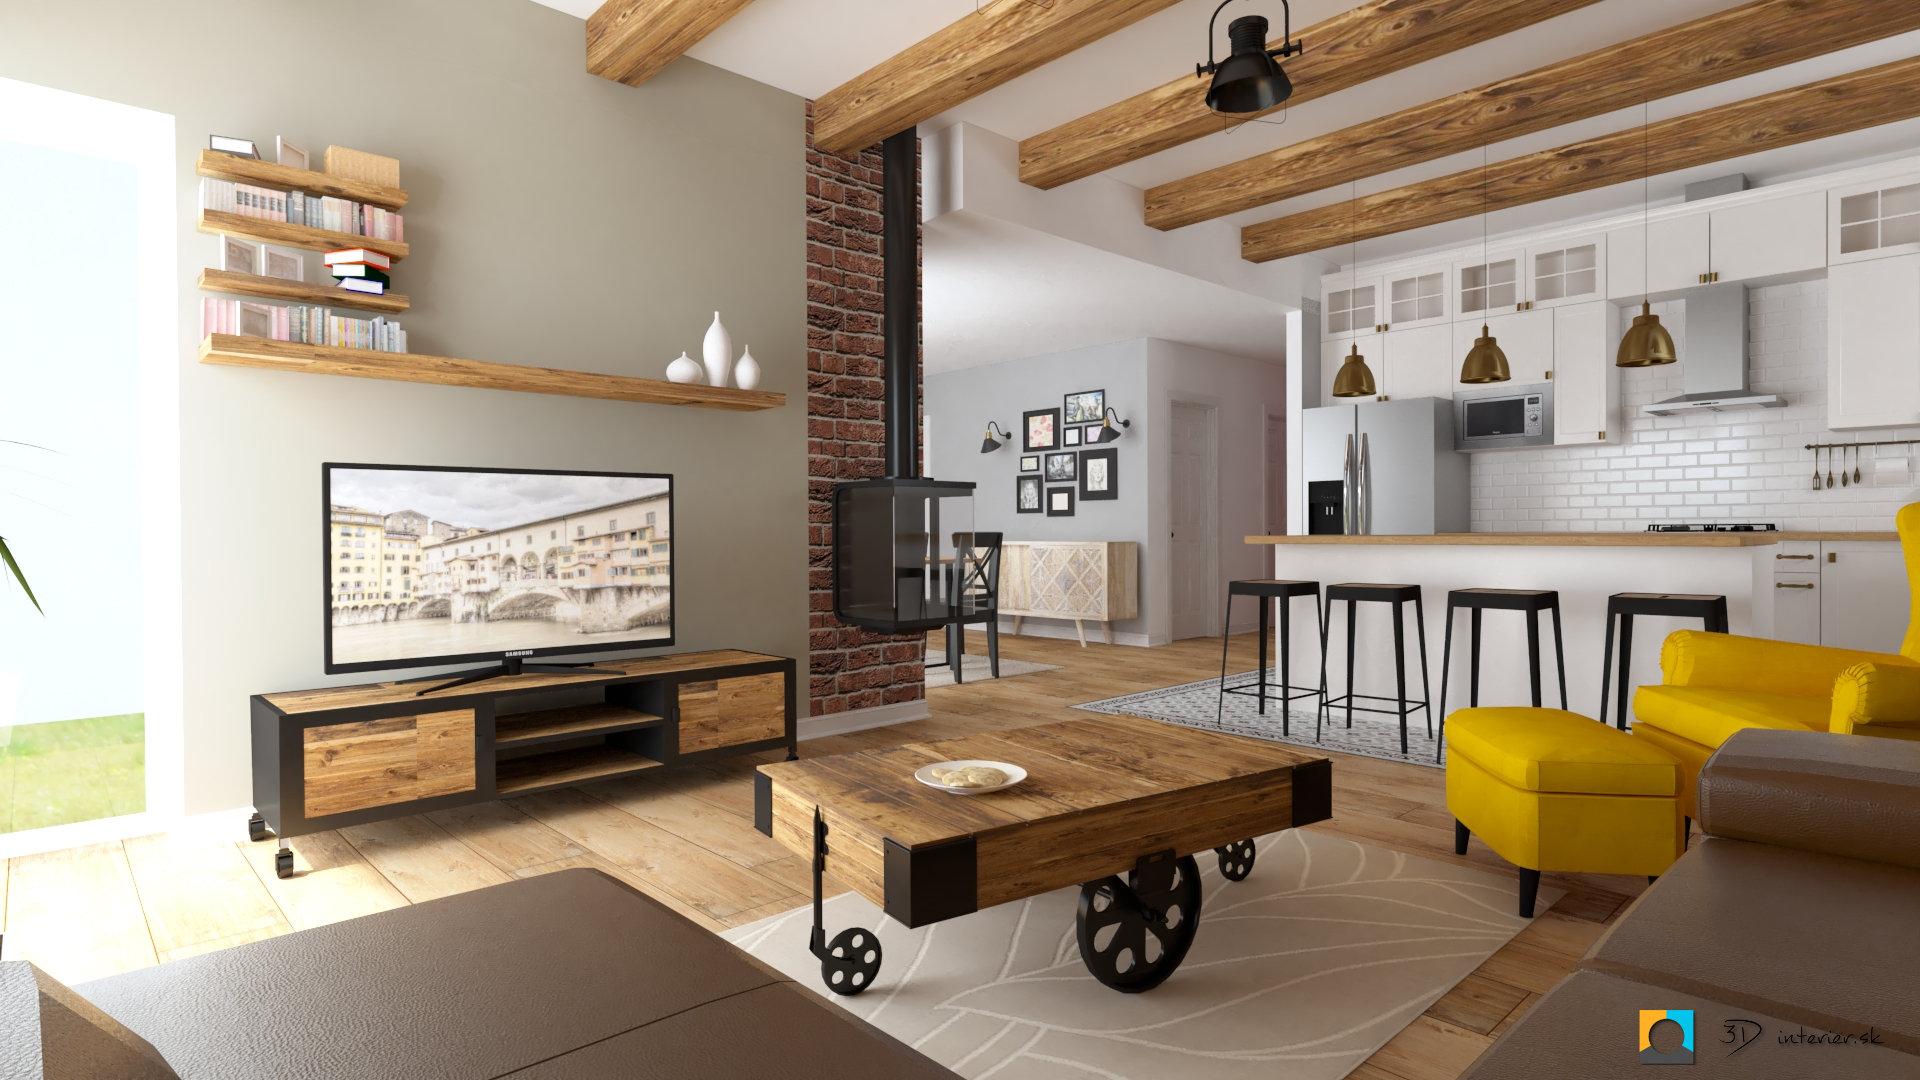 industriálny štýl stolík vozík industriálny drevený v obývačke, závesný krb, obývačka spojená s kuchyňou, barový pult industriálny štýl